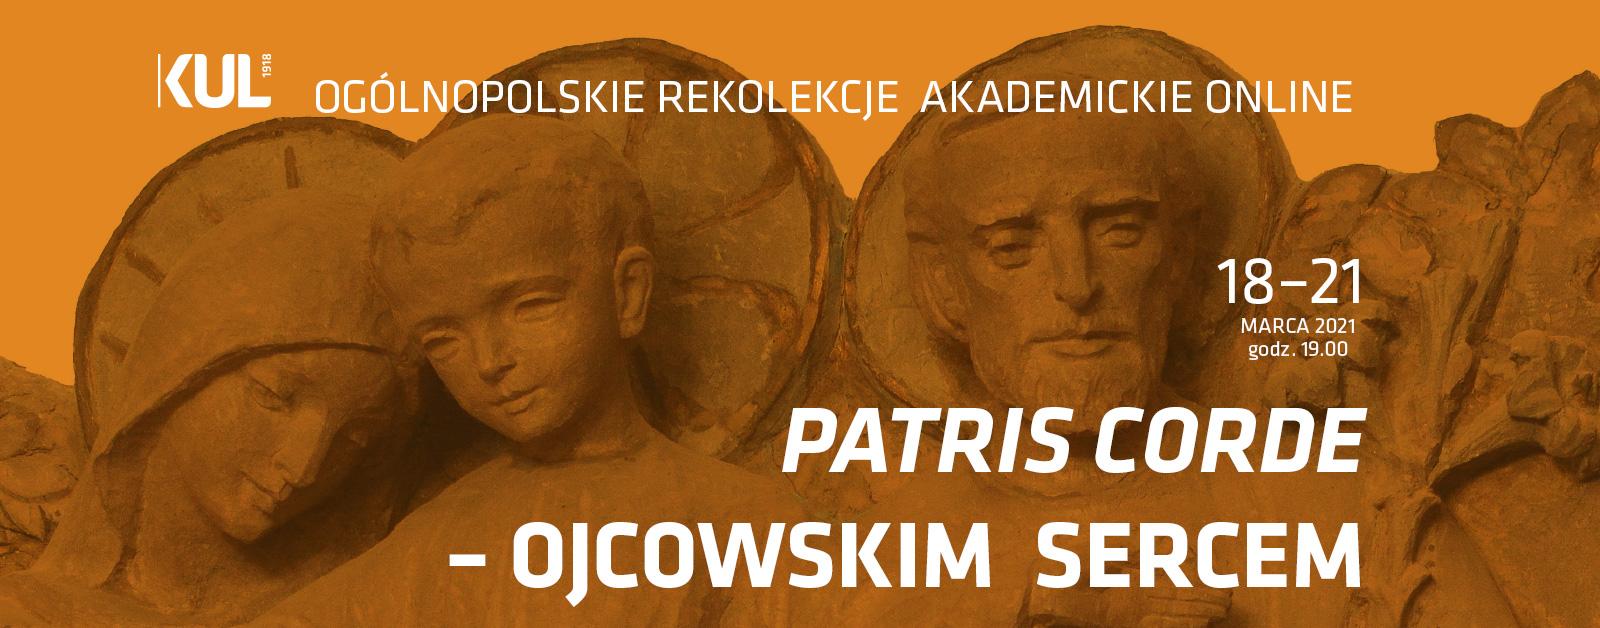 Startują ogólnopolskie rekolekcje akademickie w Lublinie - Zdjęcie główne